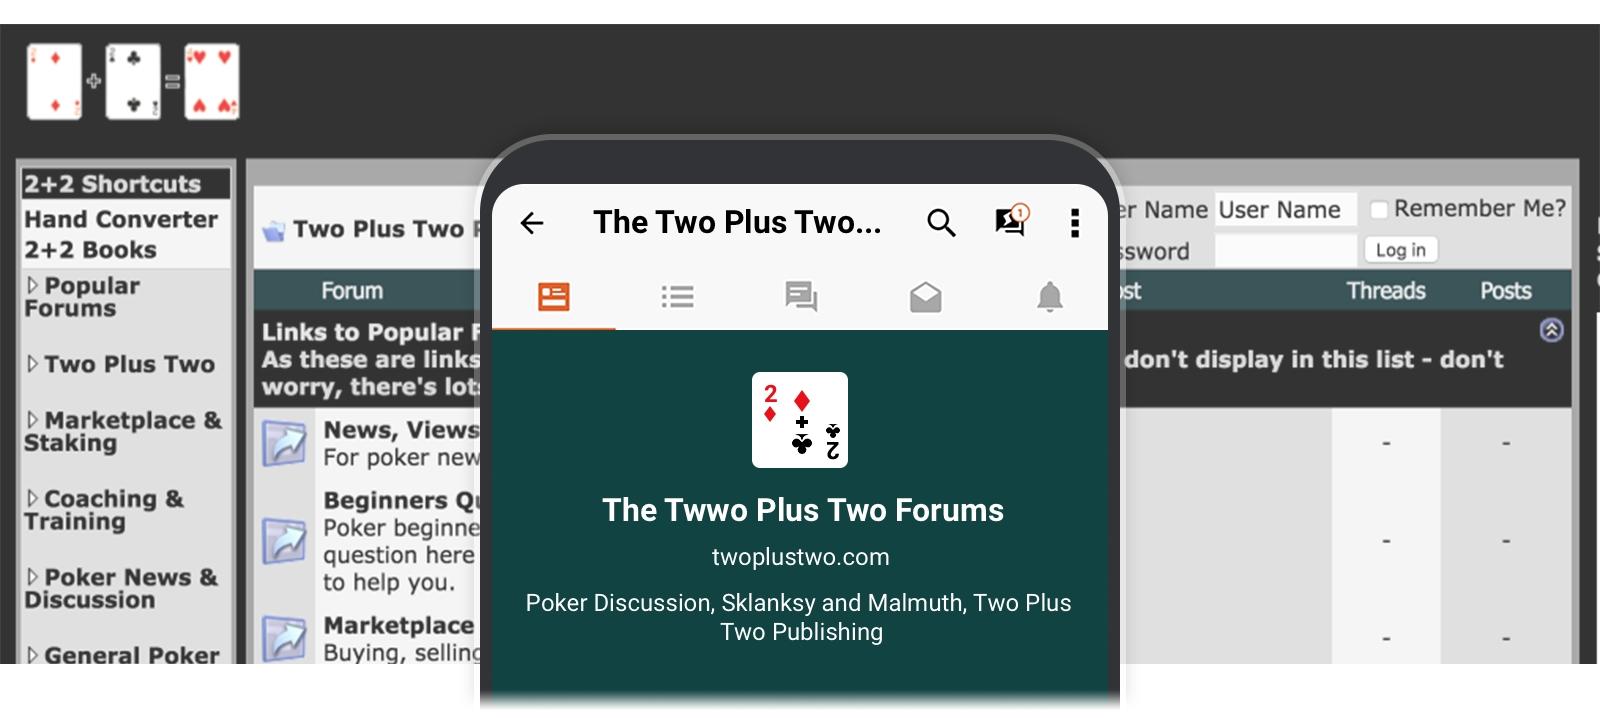 Tapatalk Mobile App - Community / Forum App for vBulletin